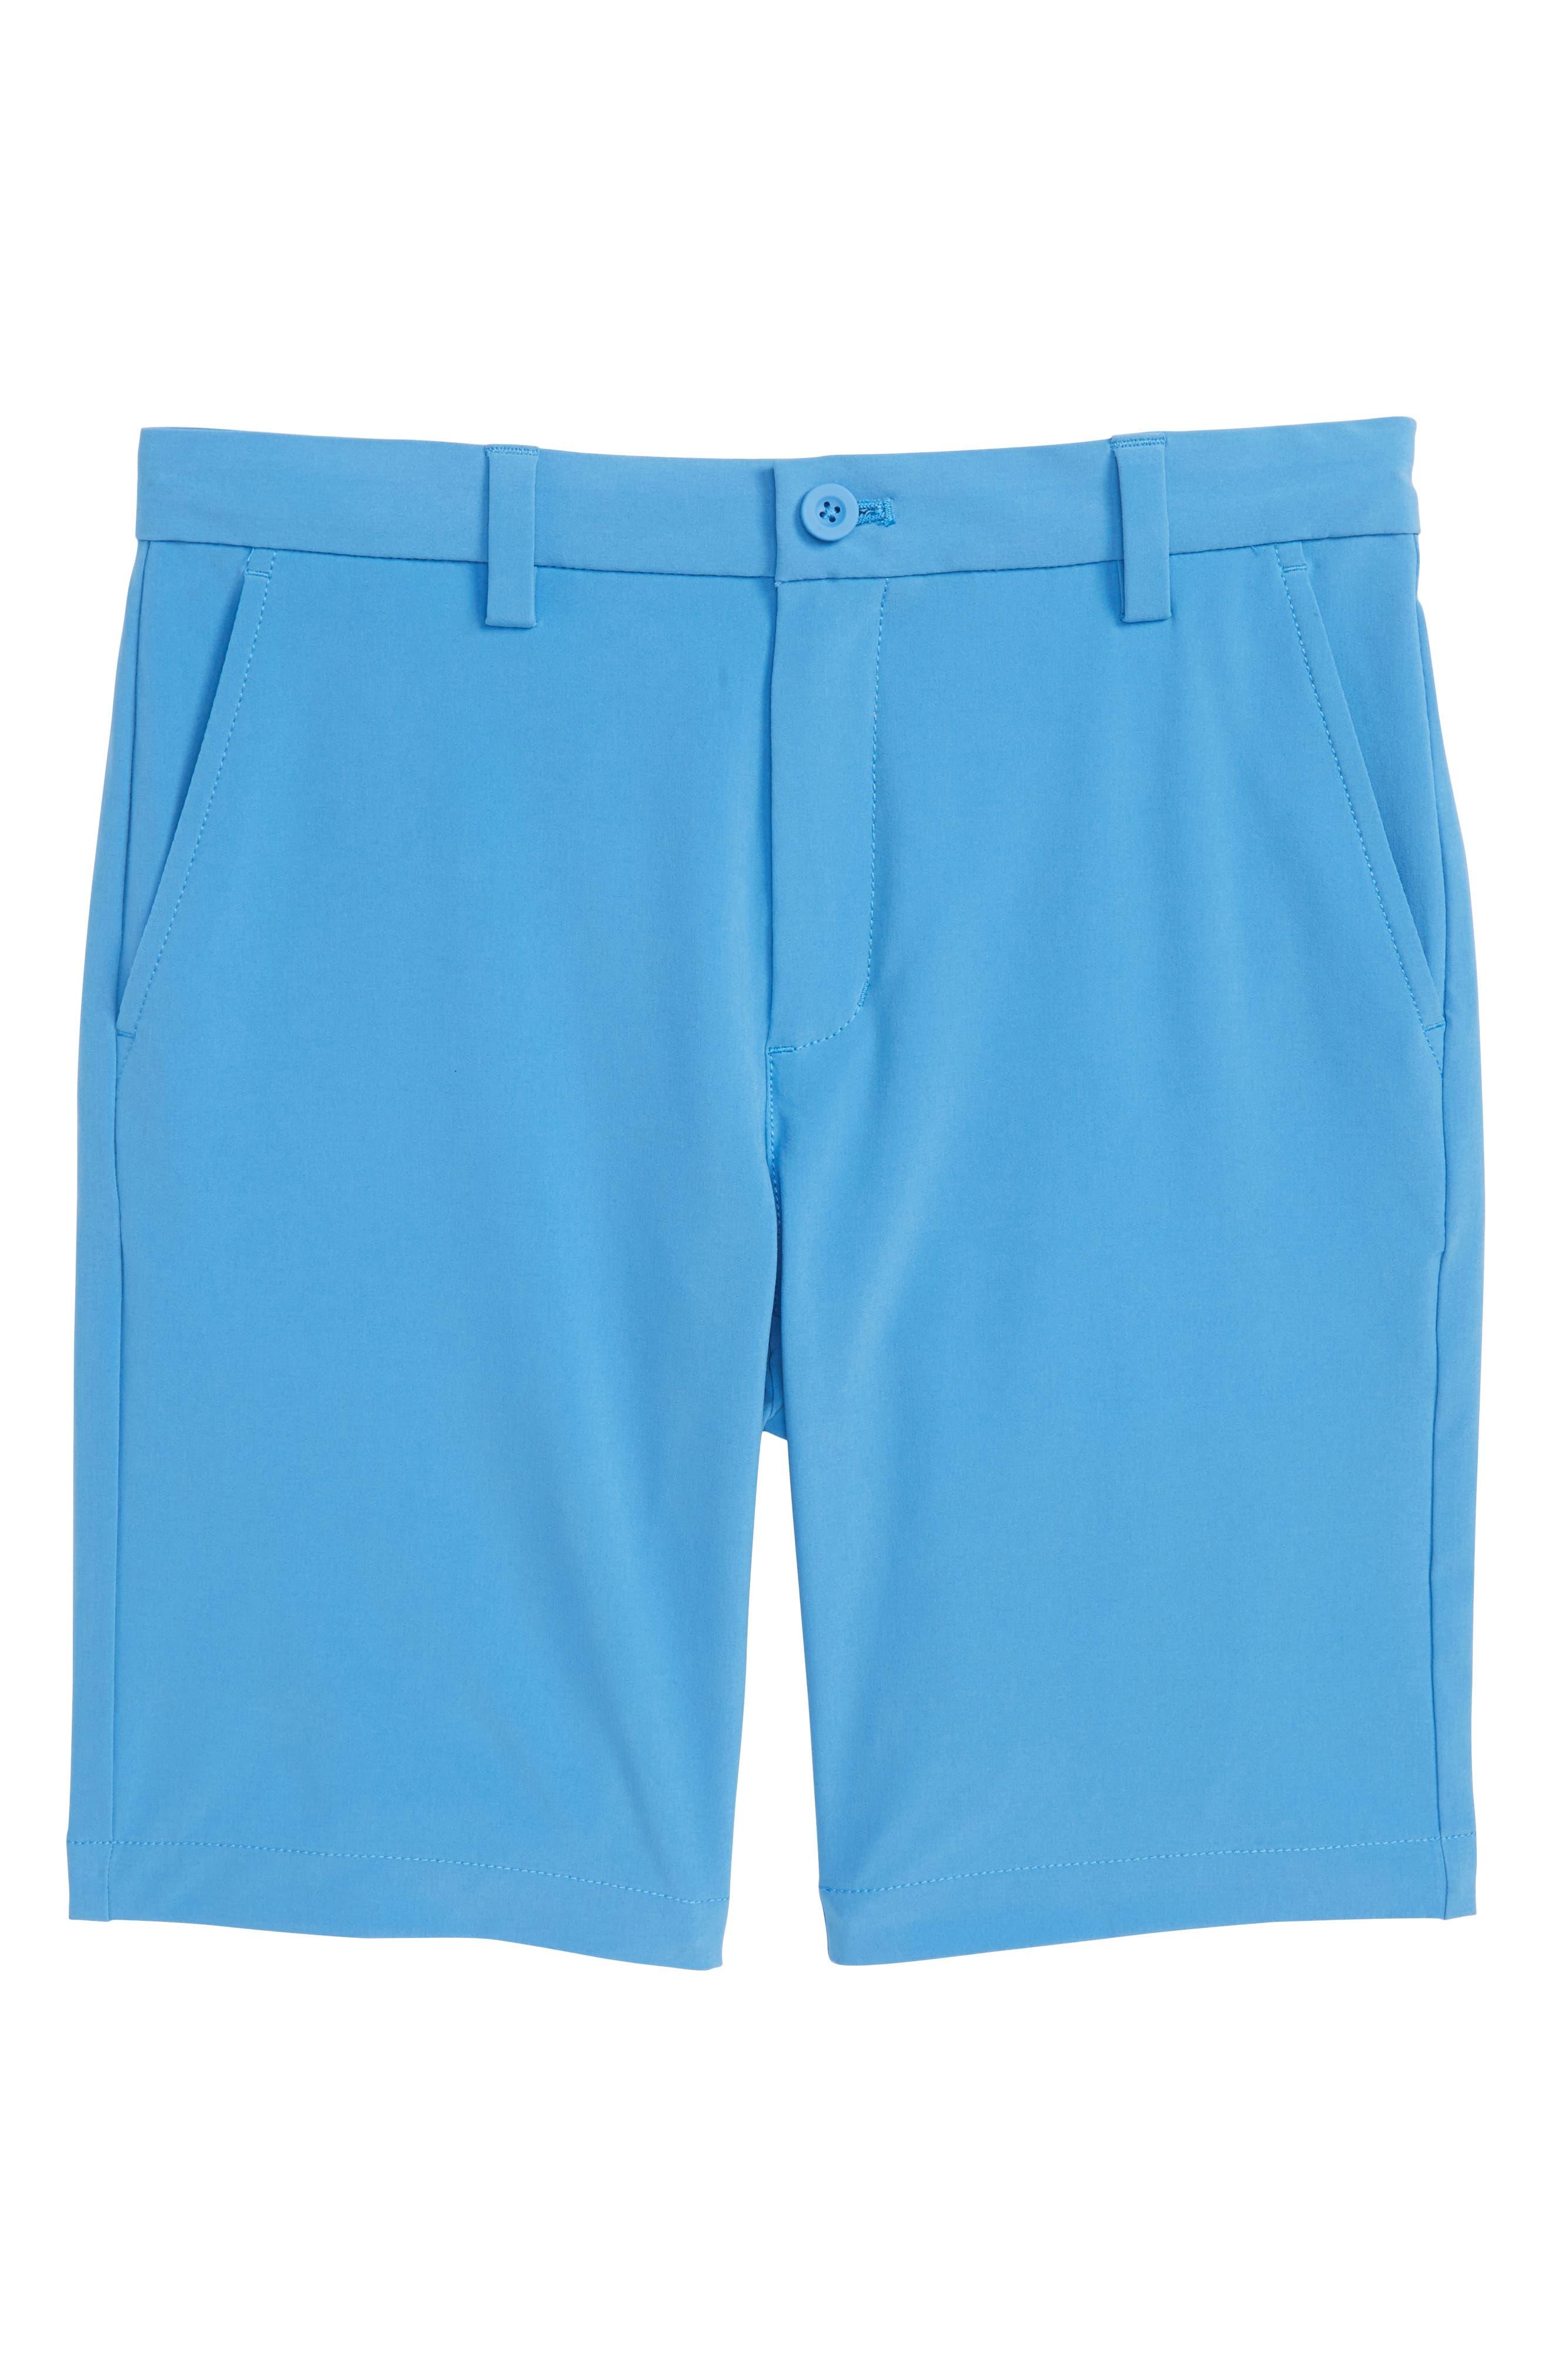 Performance Breaker Shorts,                             Main thumbnail 1, color,                             Hull Blue